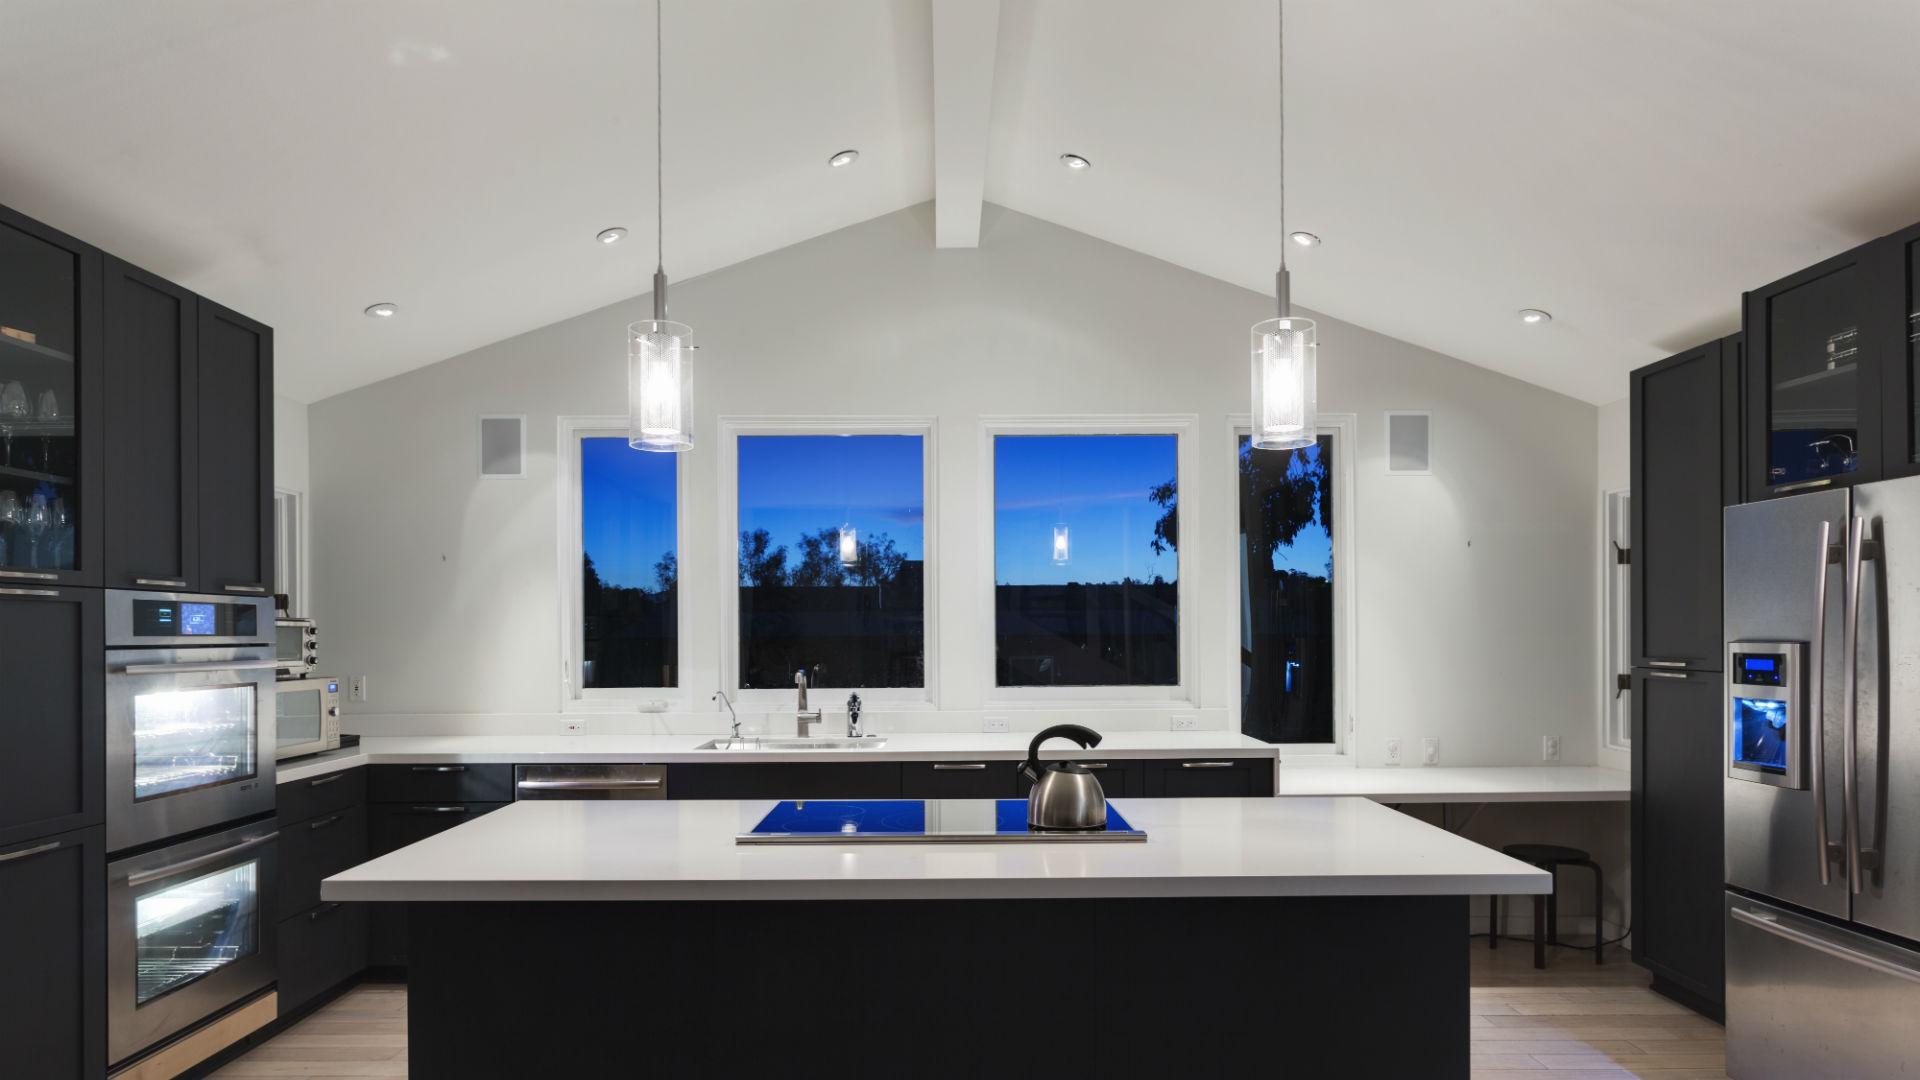 Wanden schoon houden in keuken, hoe doe je dat?